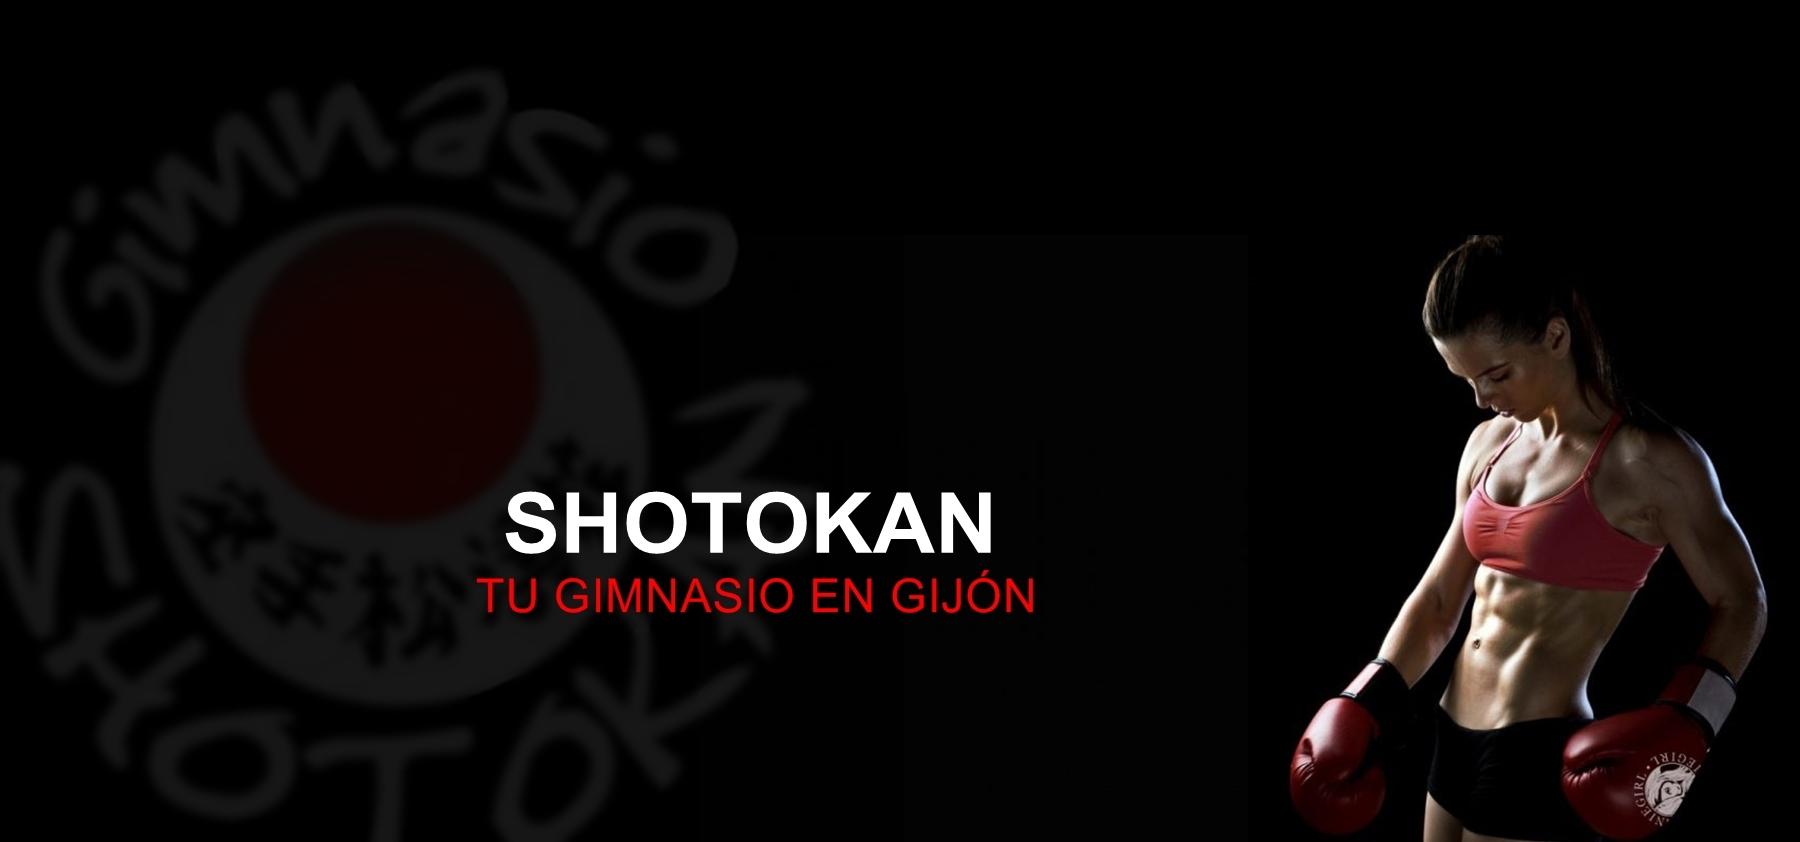 Gimnasio Shotokan - Yoga -  Tu gimnasio en Gijón